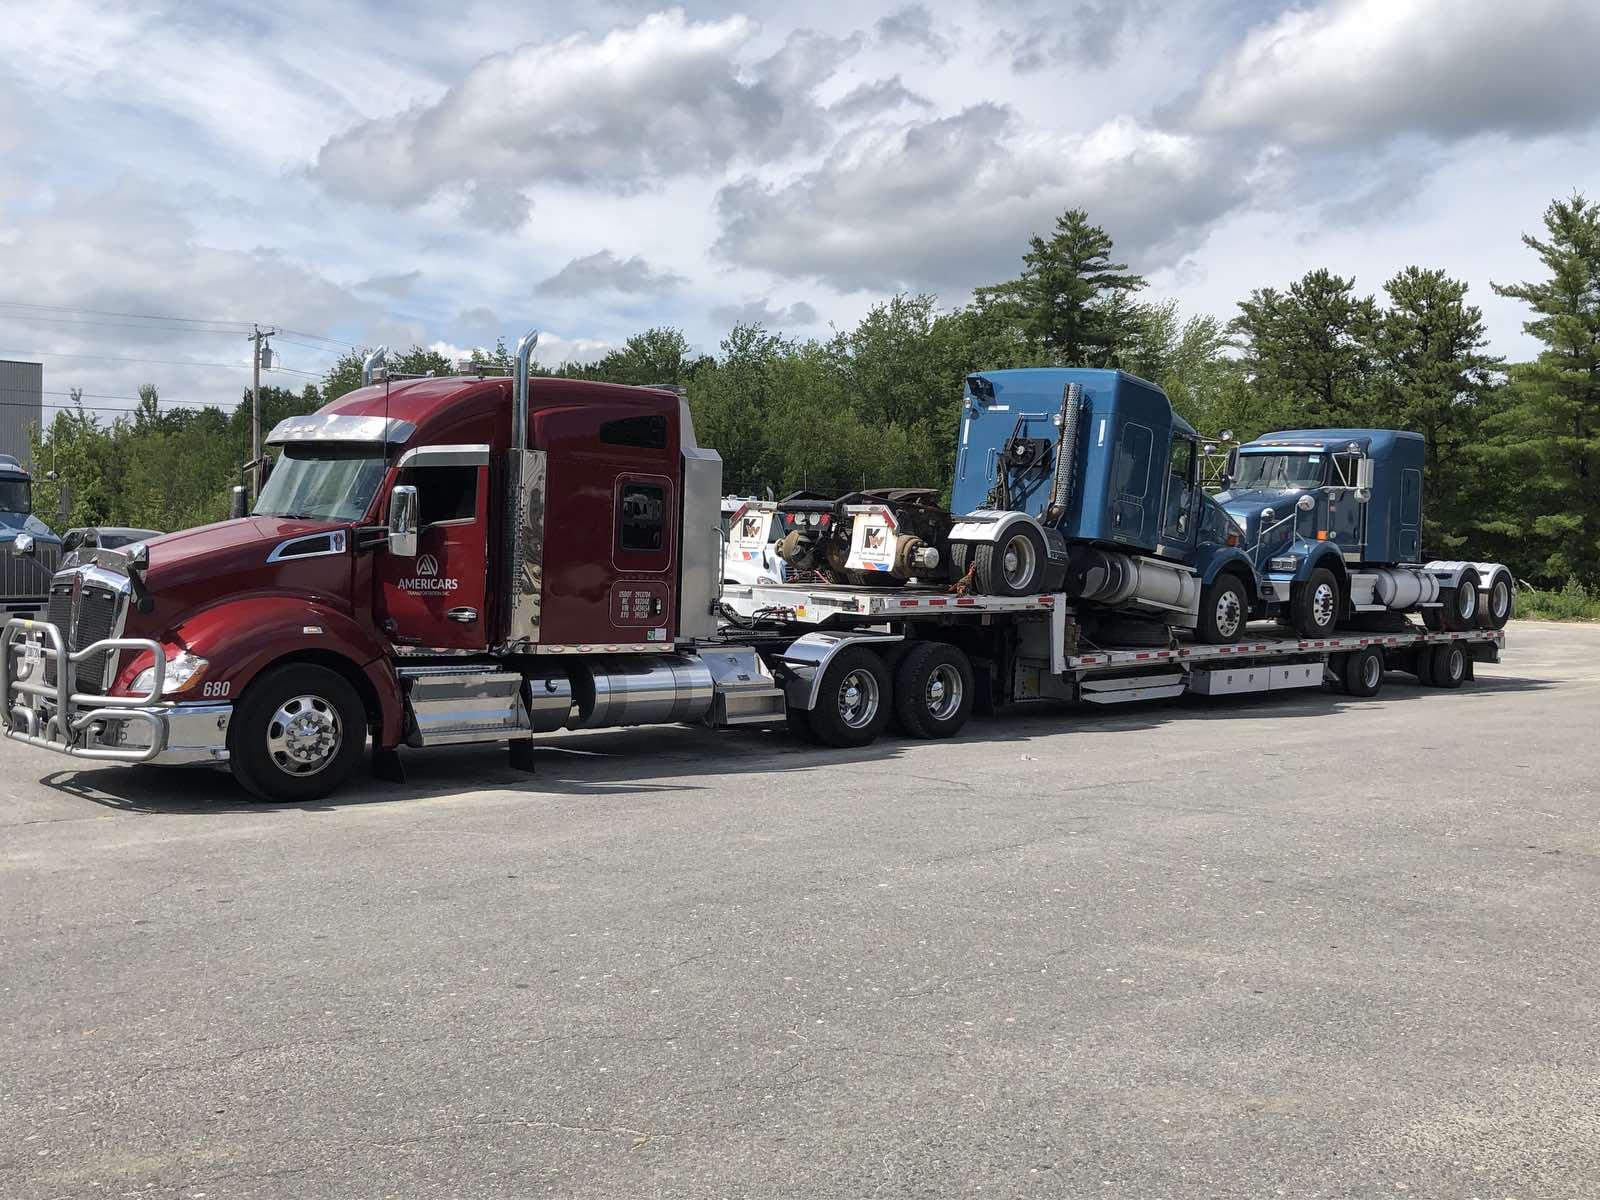 (2) Semi Trucks